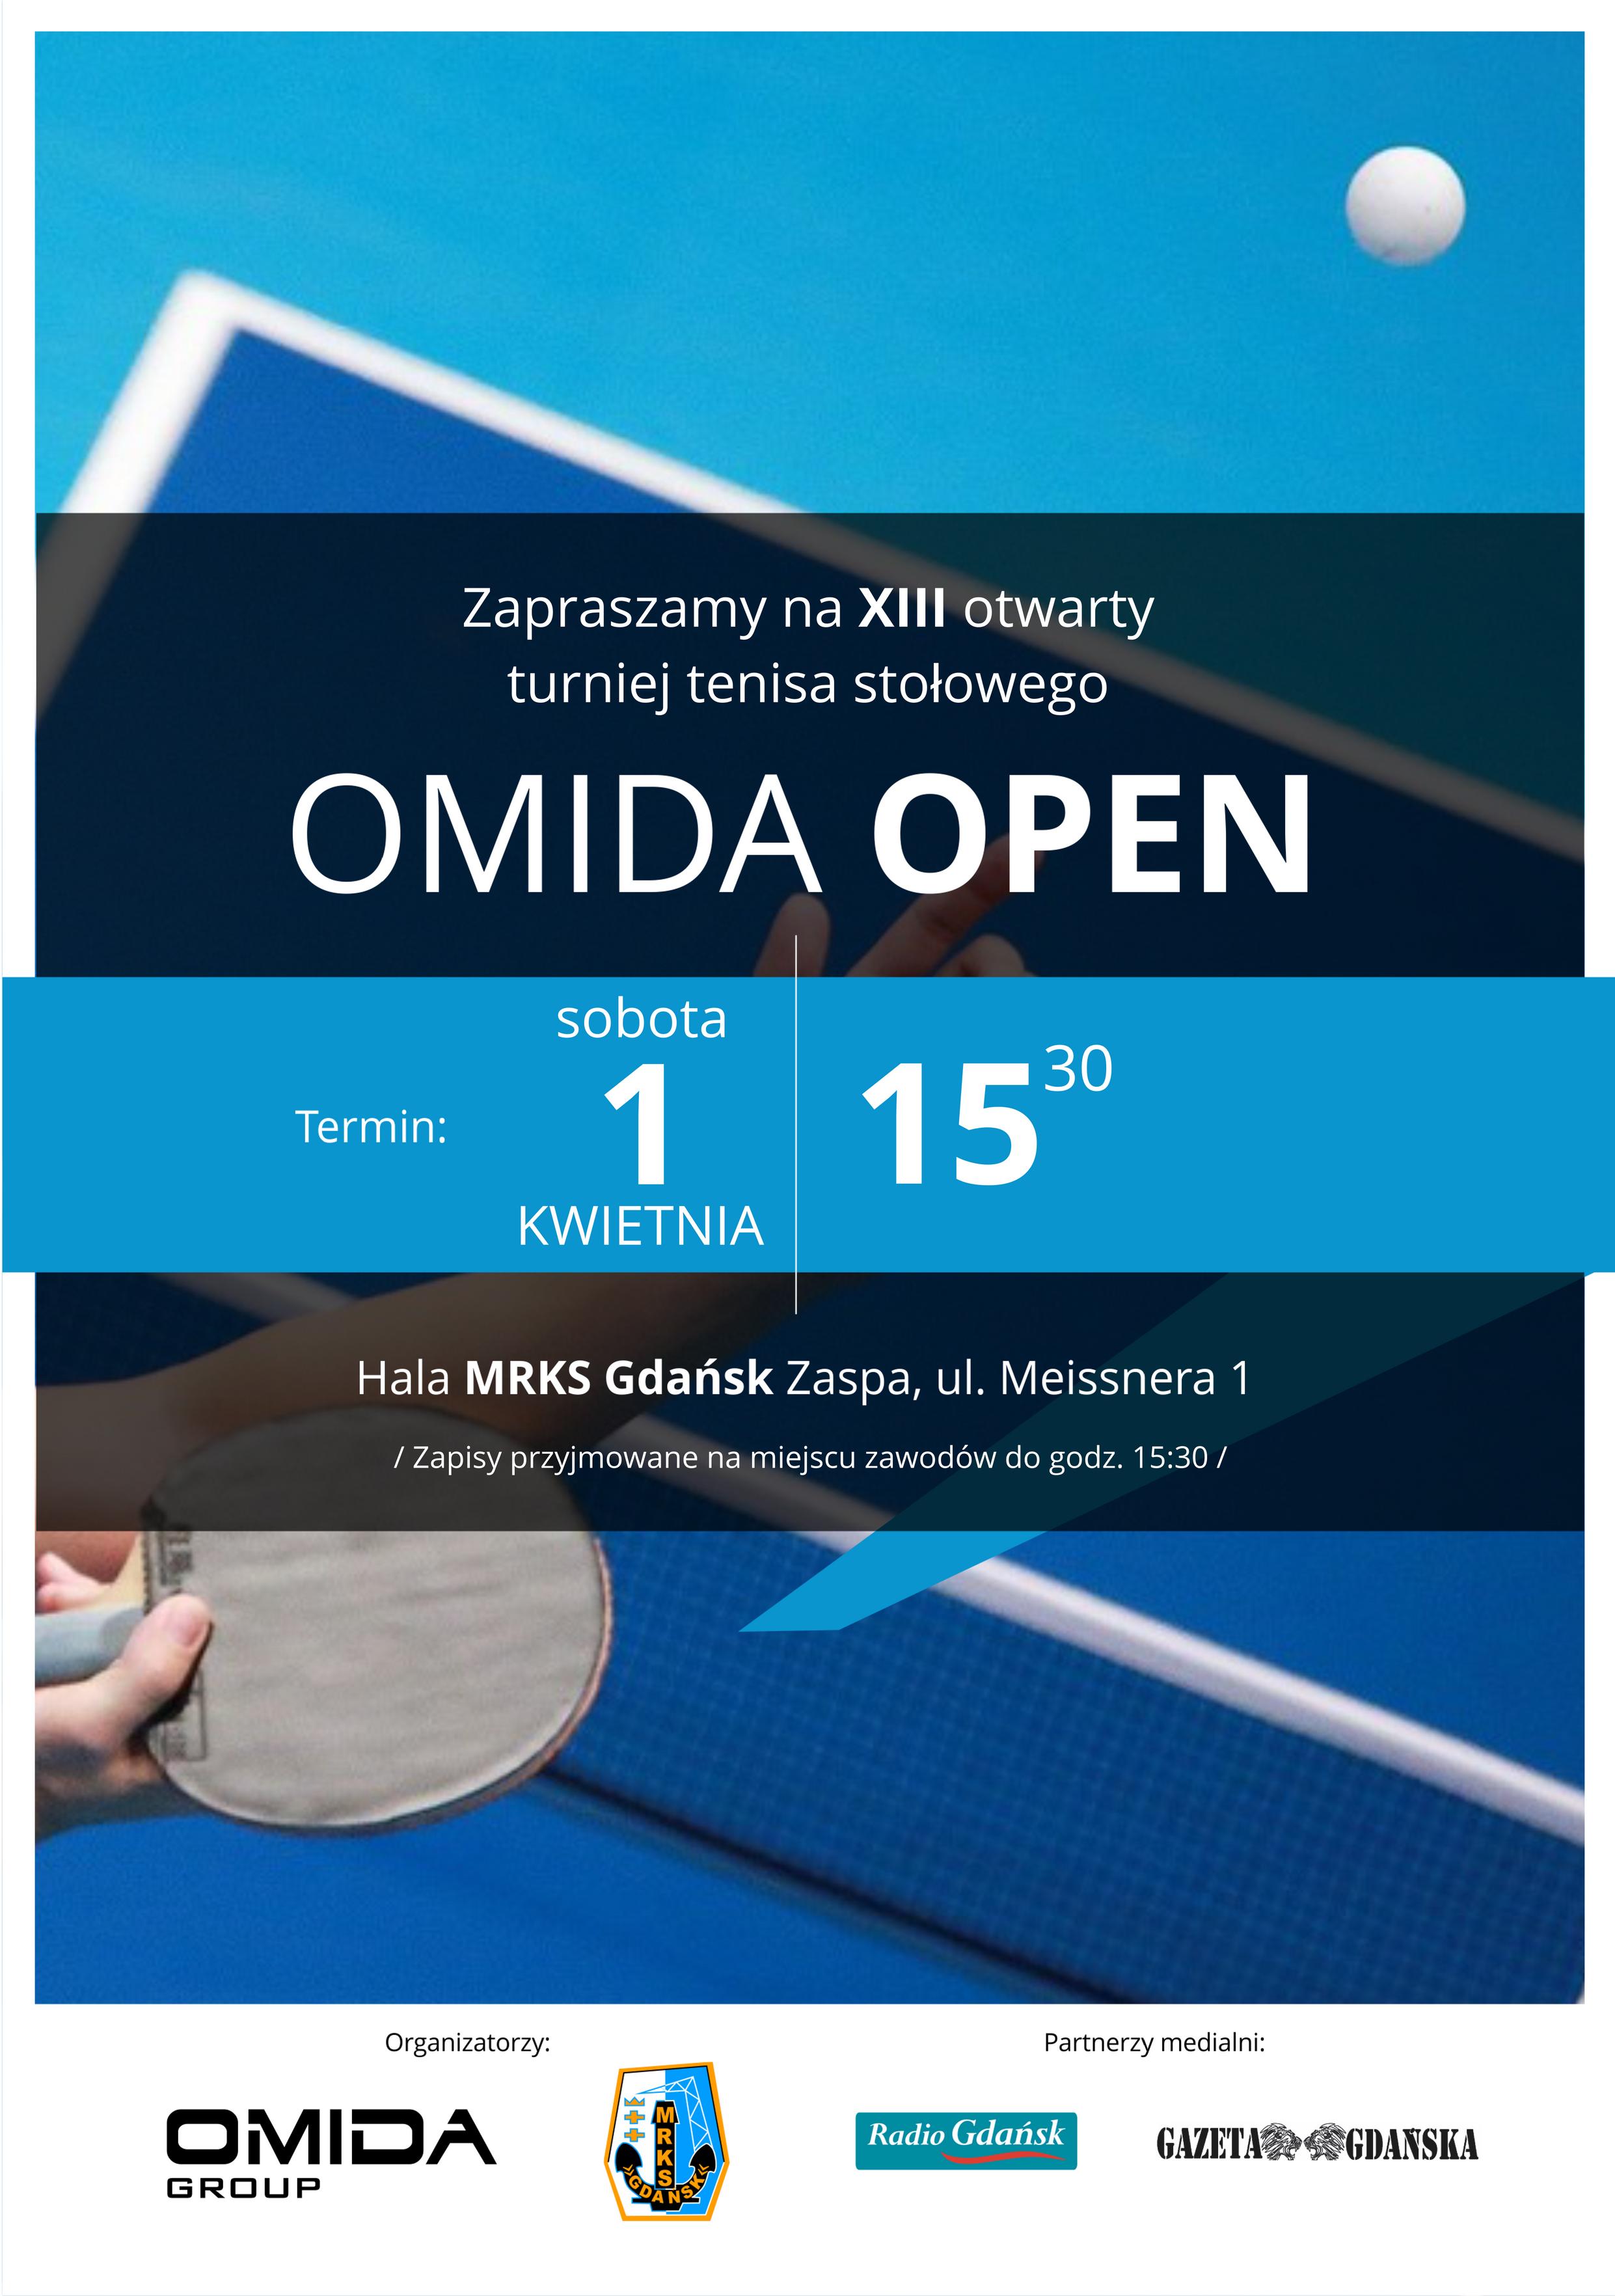 Zapraszamy na XIII otwarty turniej tenisa